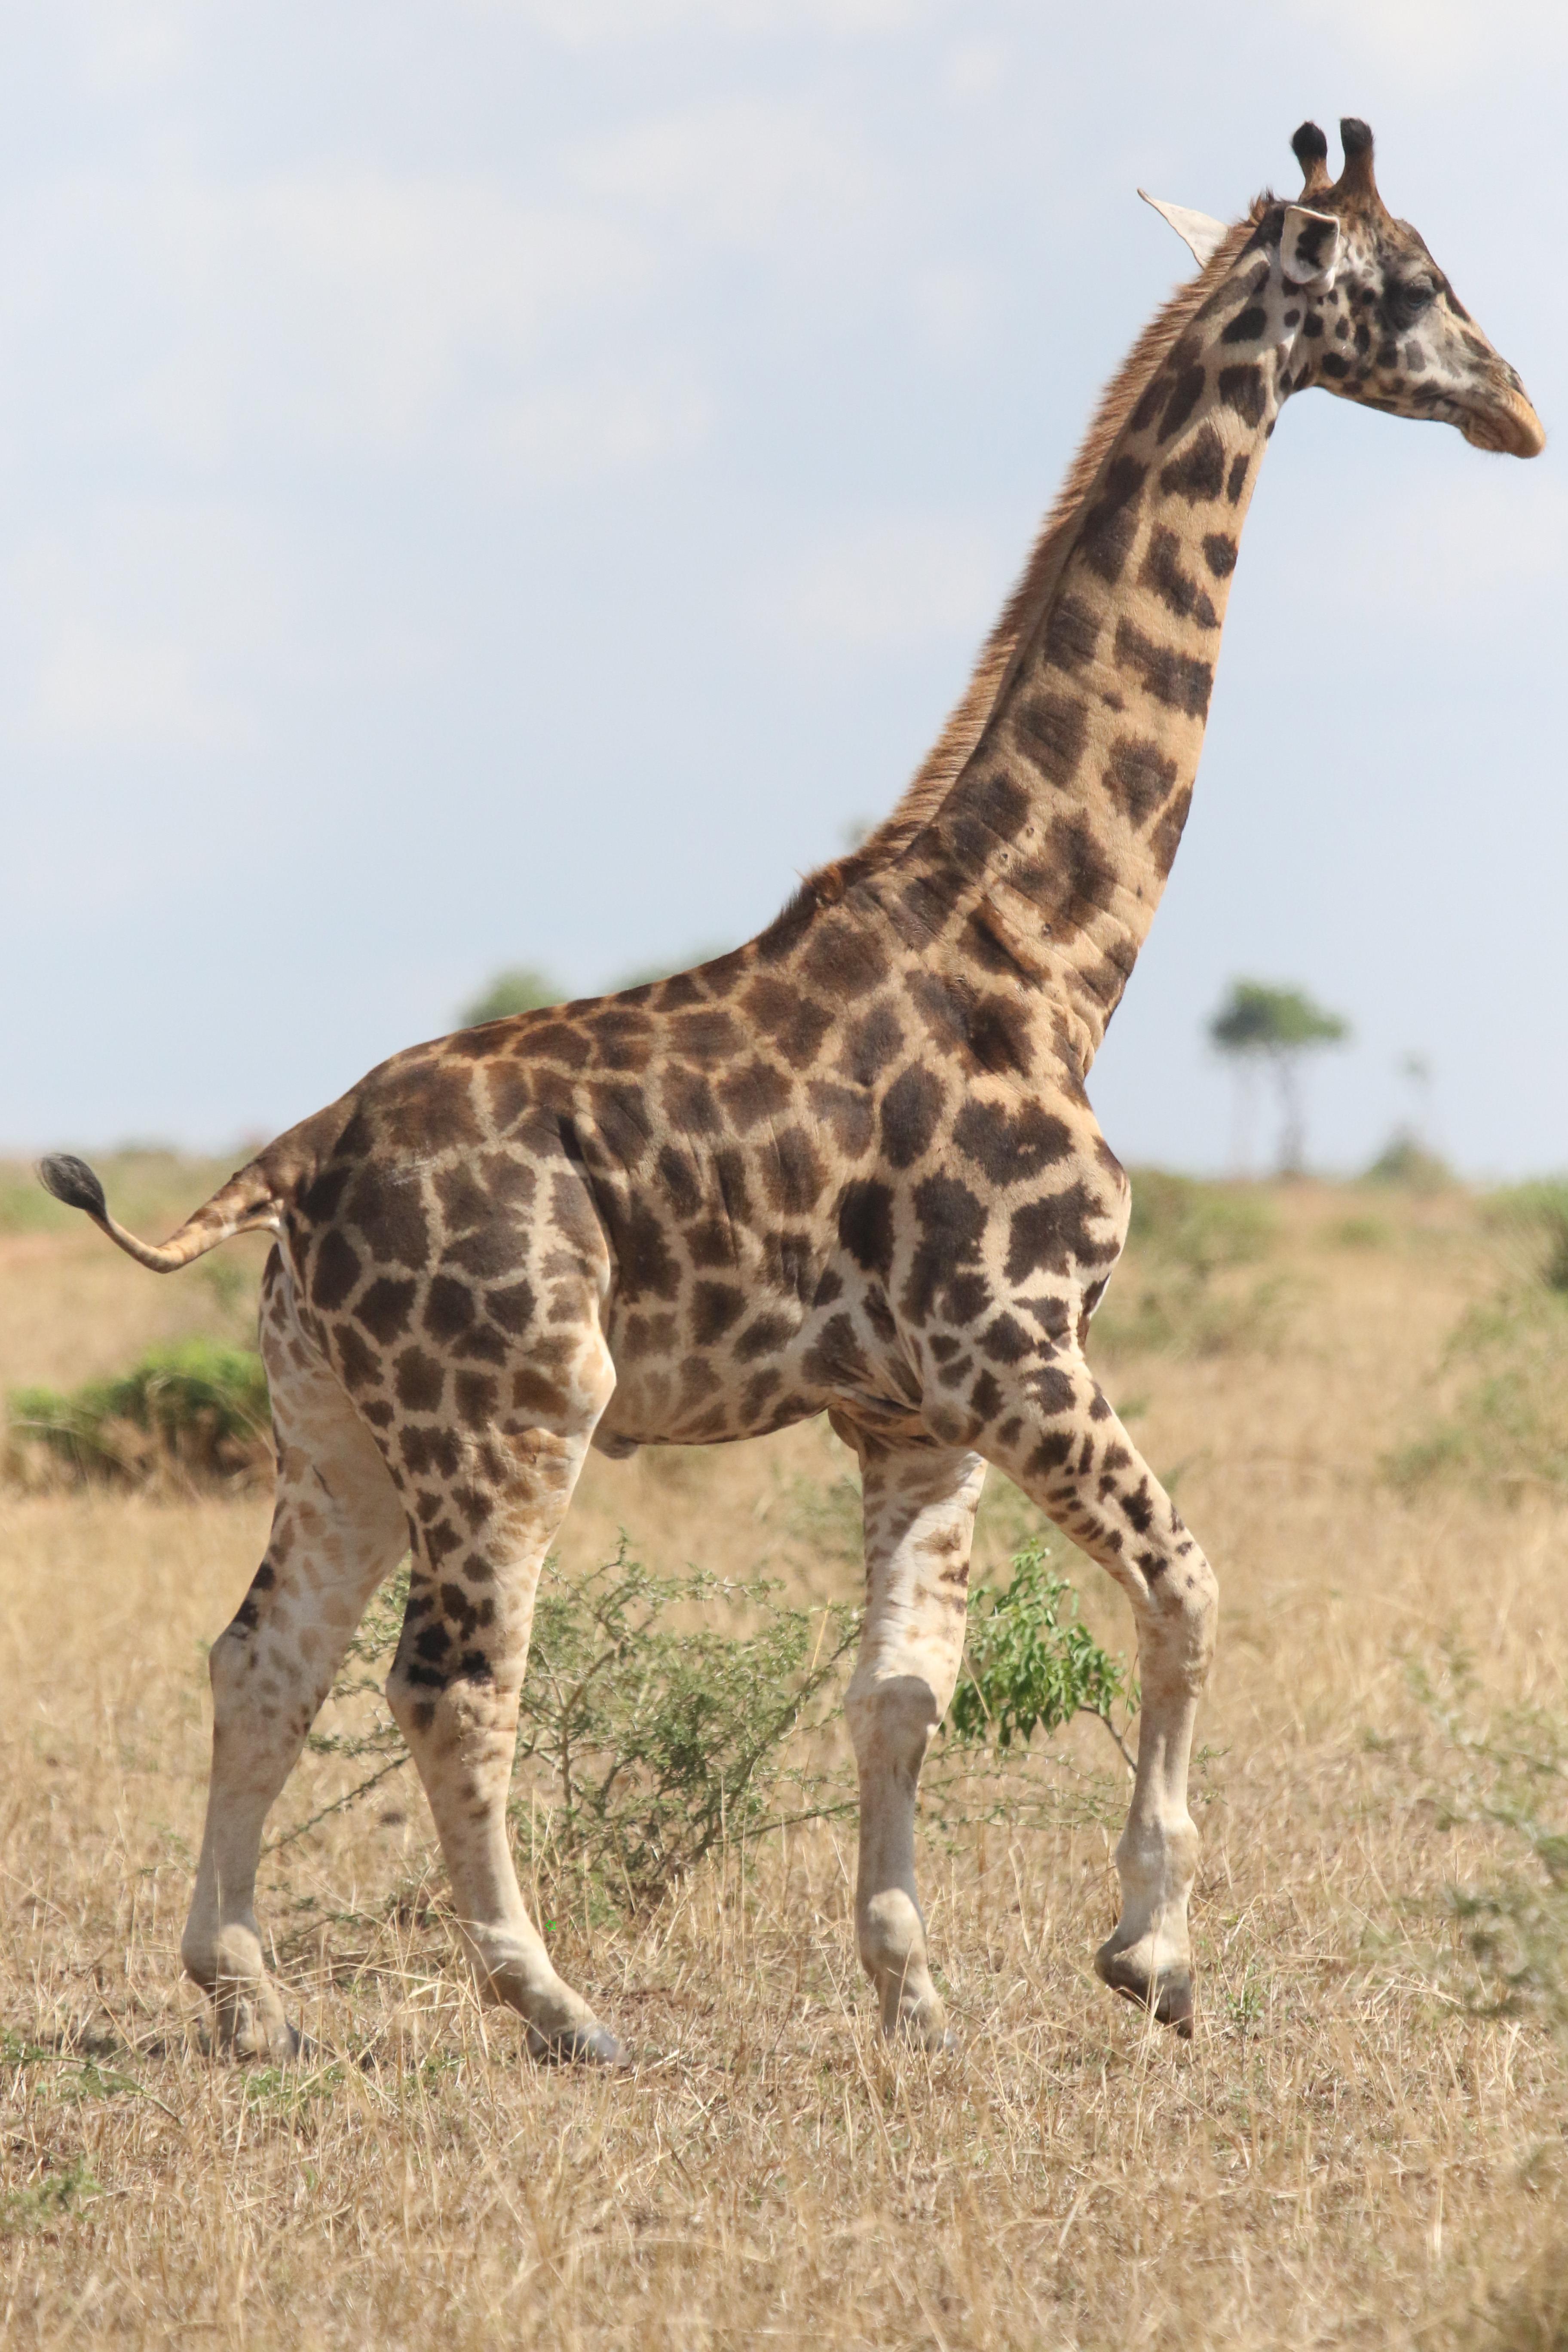 Une girafe naine en Ouganda.